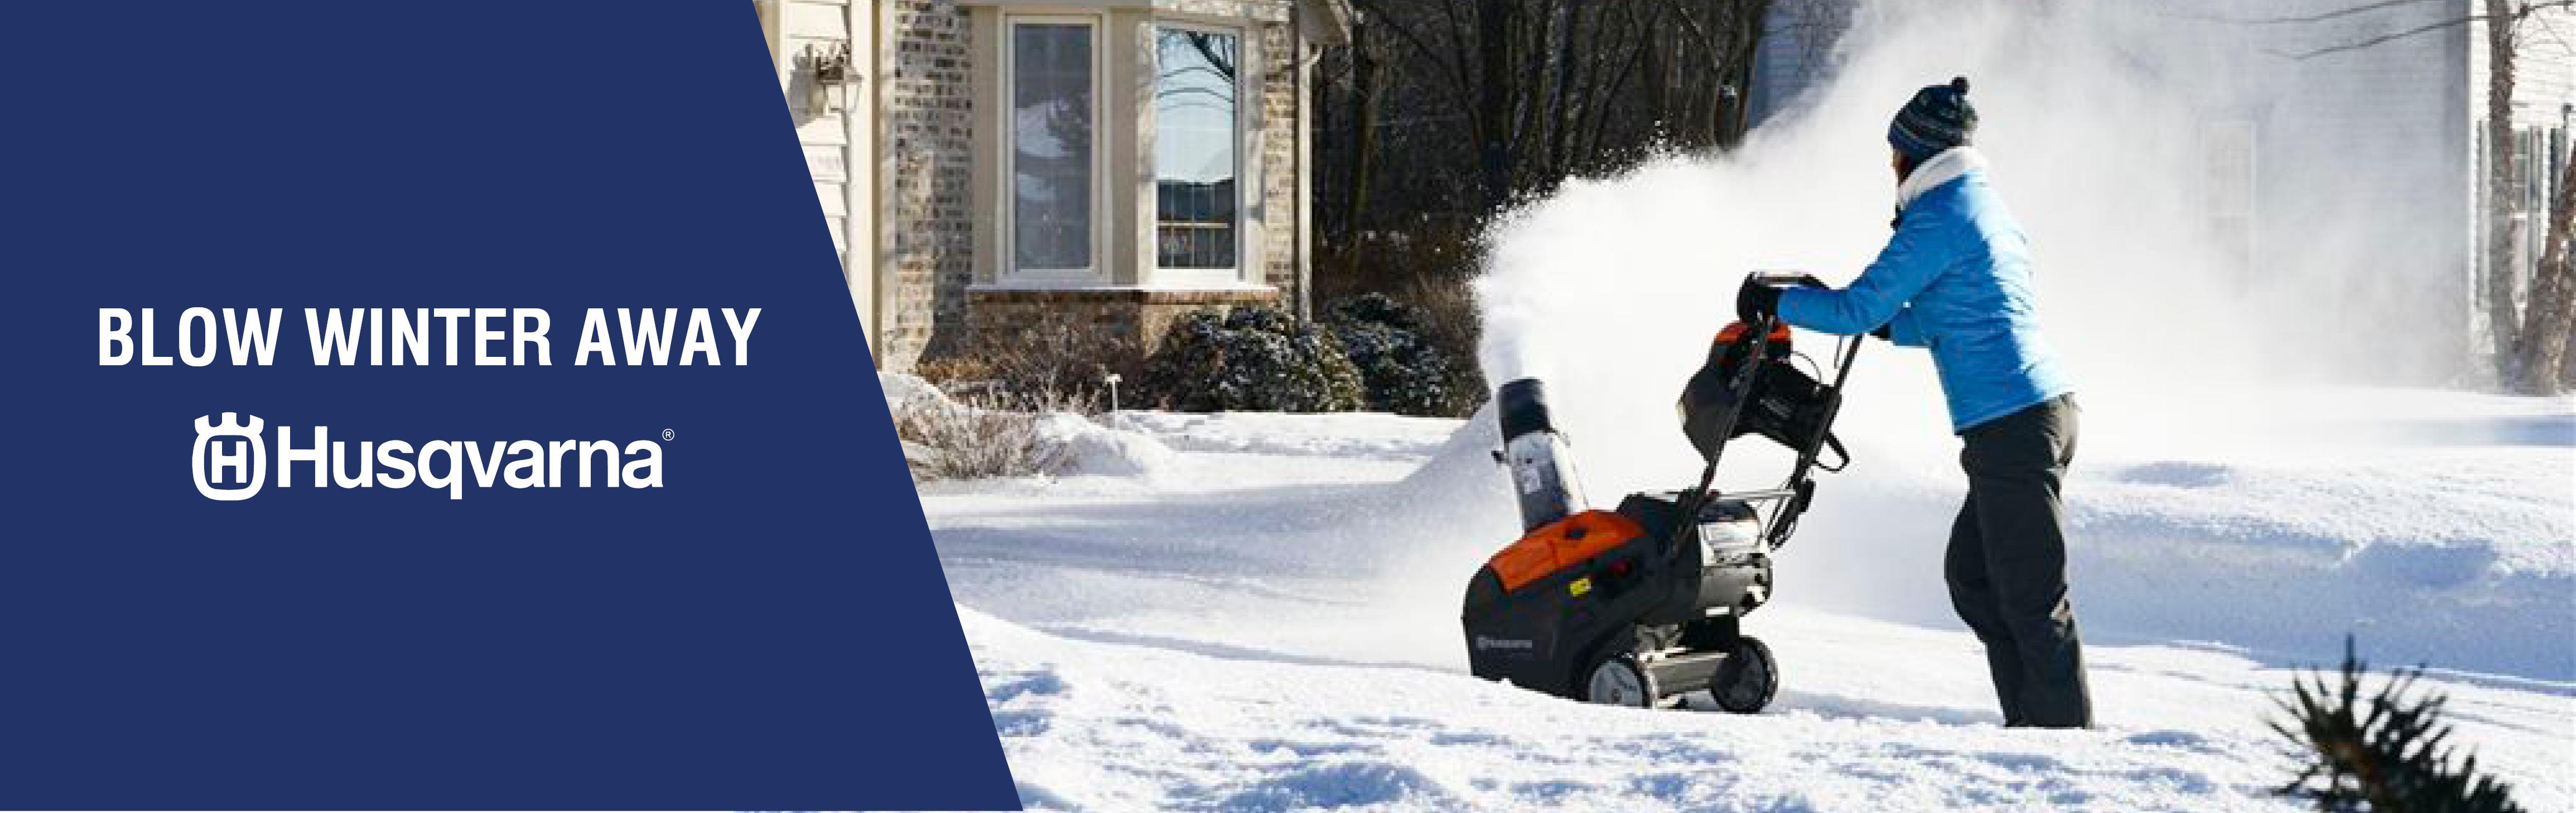 Sliders-Snowblowers-Power-Equipment-175-dpi-1